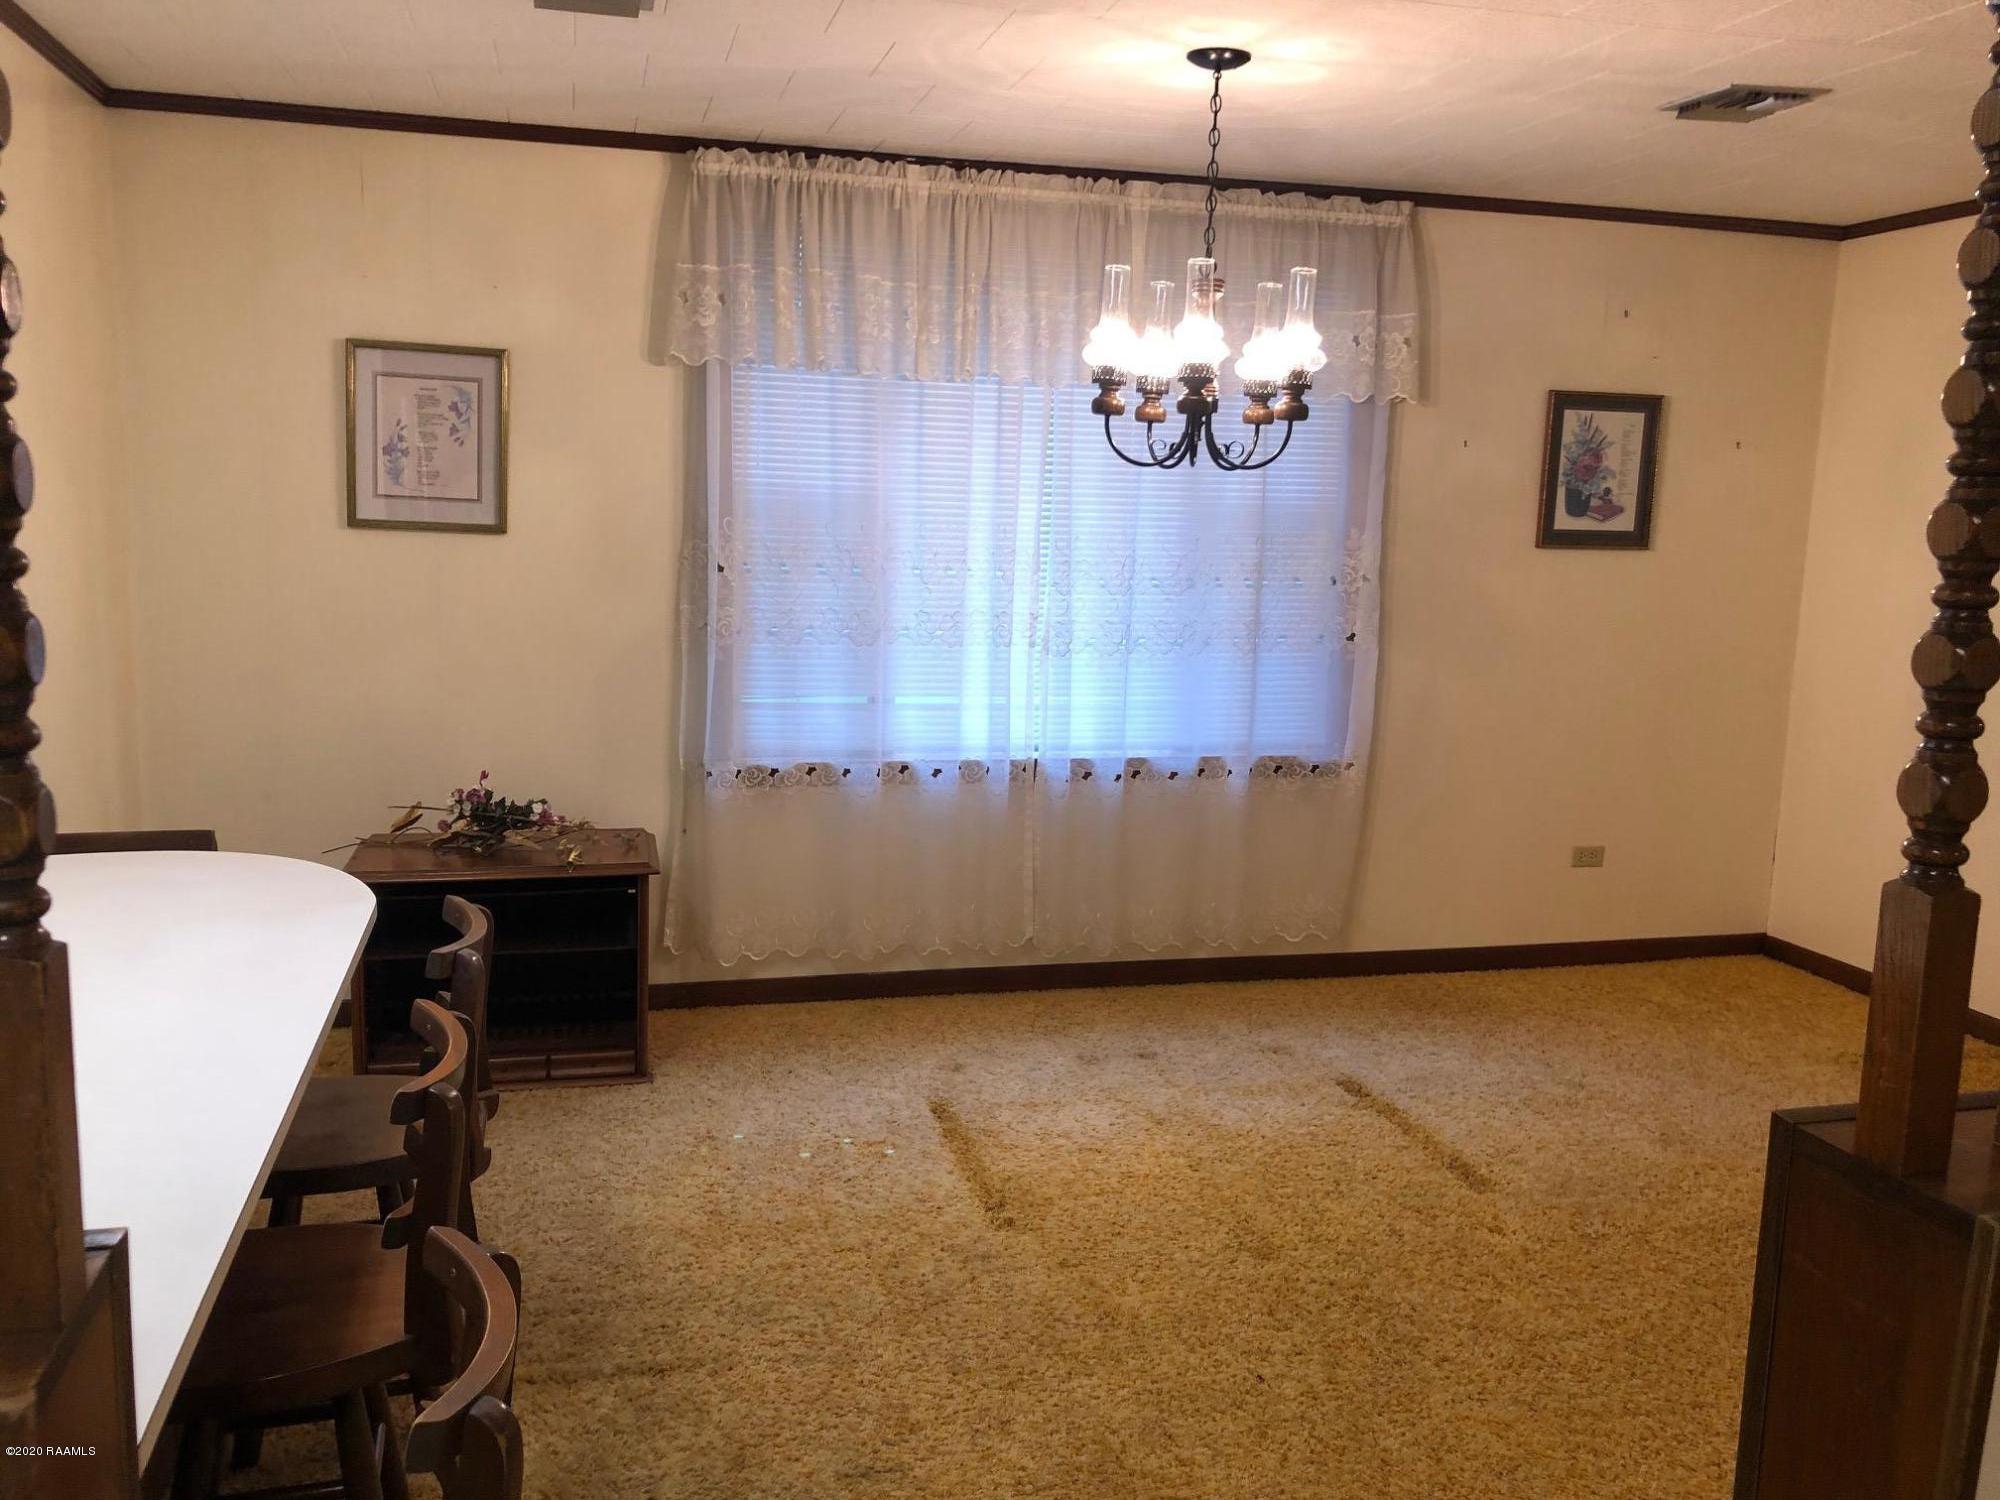 117 Aster, Leonville, LA 70551 Photo #9